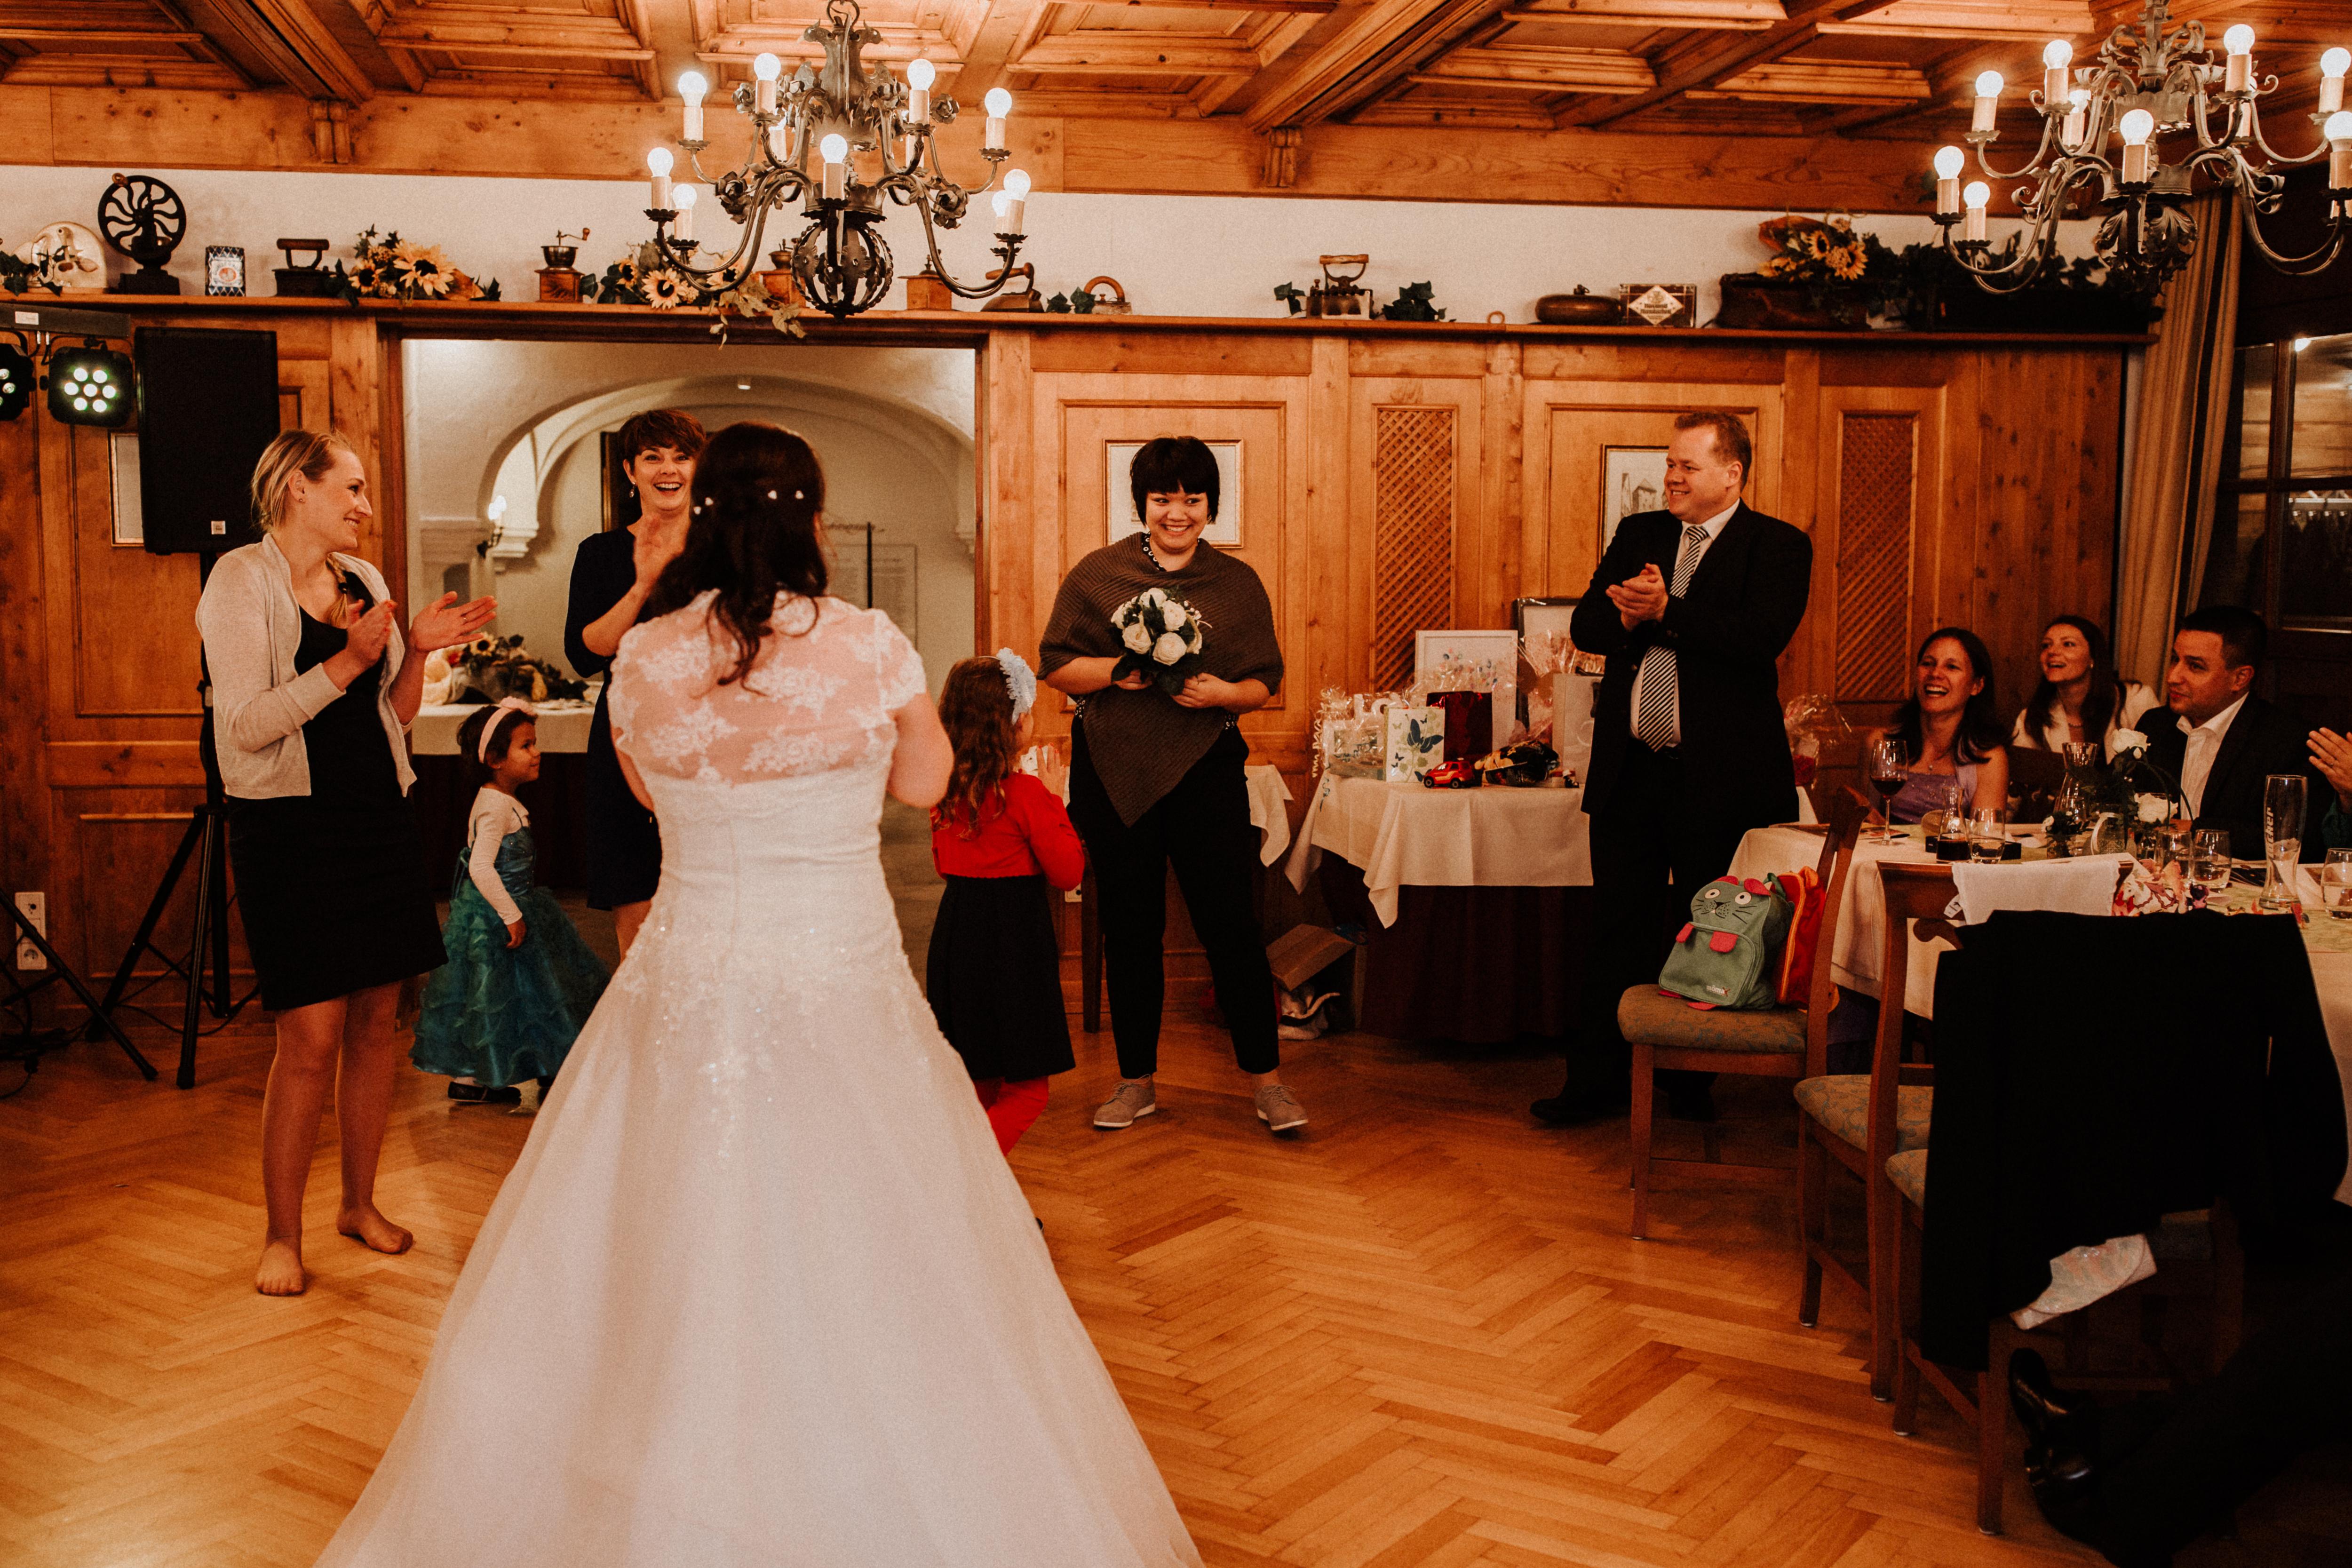 URBANERIE_Daniela_Goth_Hochzeitsfotografin_Nürnberg_Fürth_Erlangen_Schwabach_171007_1716